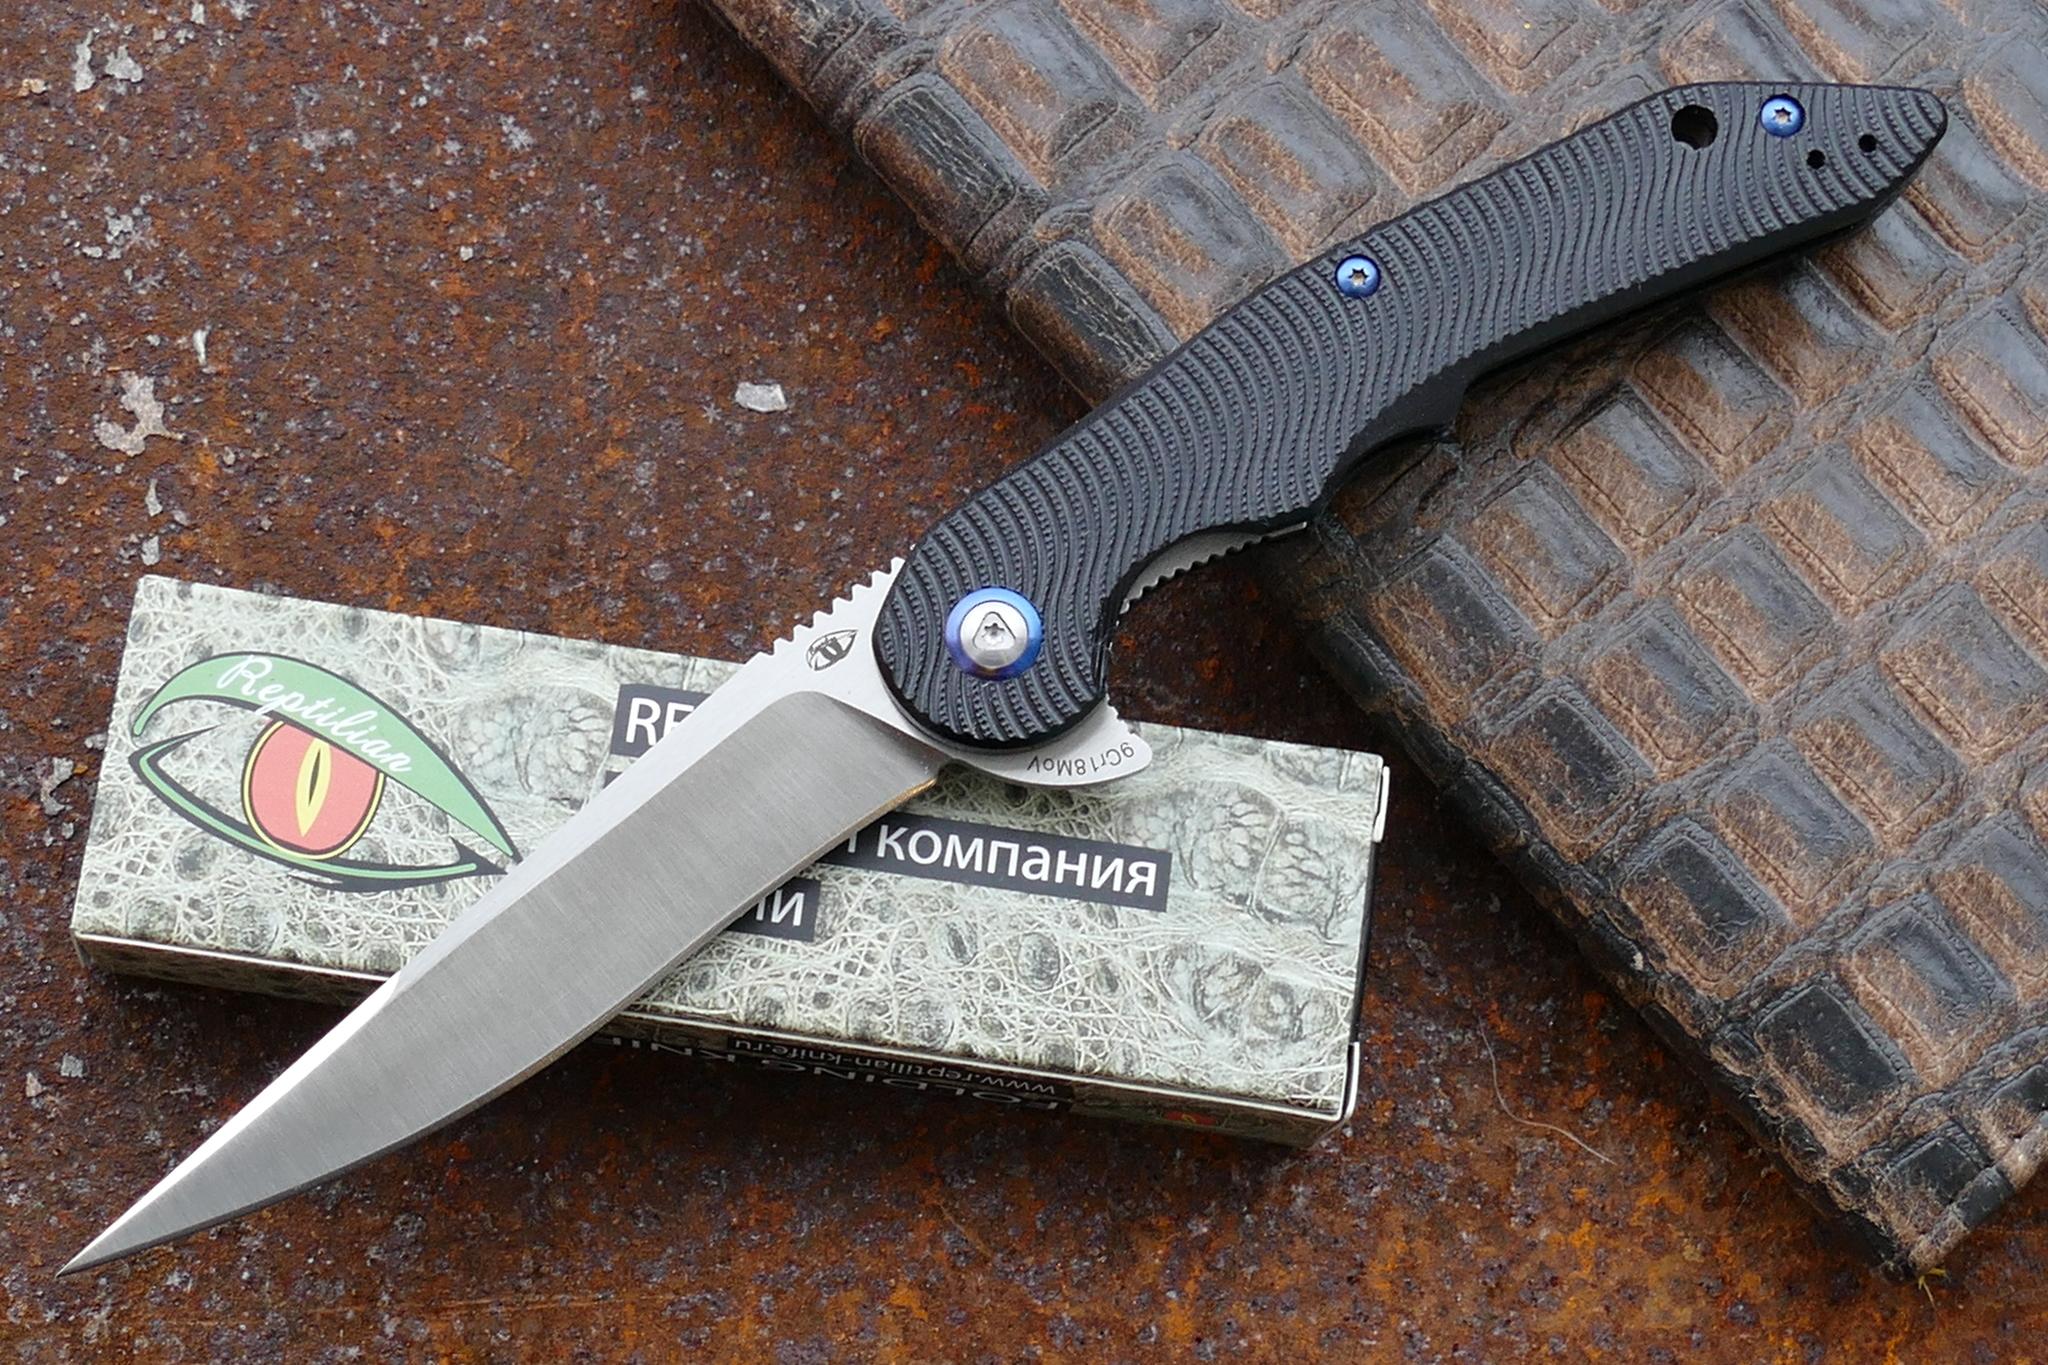 Нож  ЗубочисткаРаскладные ножи<br>марка стали: 9Cr18MoVтвёрдость: HRC57-58длина общая: 233ммдлина клинка: 102ммширина клинка наибольшая: 22ммтолщина обуха: 3ммвес: 95.4гртип замка: liner lockМеханизм открытия: IKBS (шарикоподшипниковая система)каждый нож имеет свой номер<br>